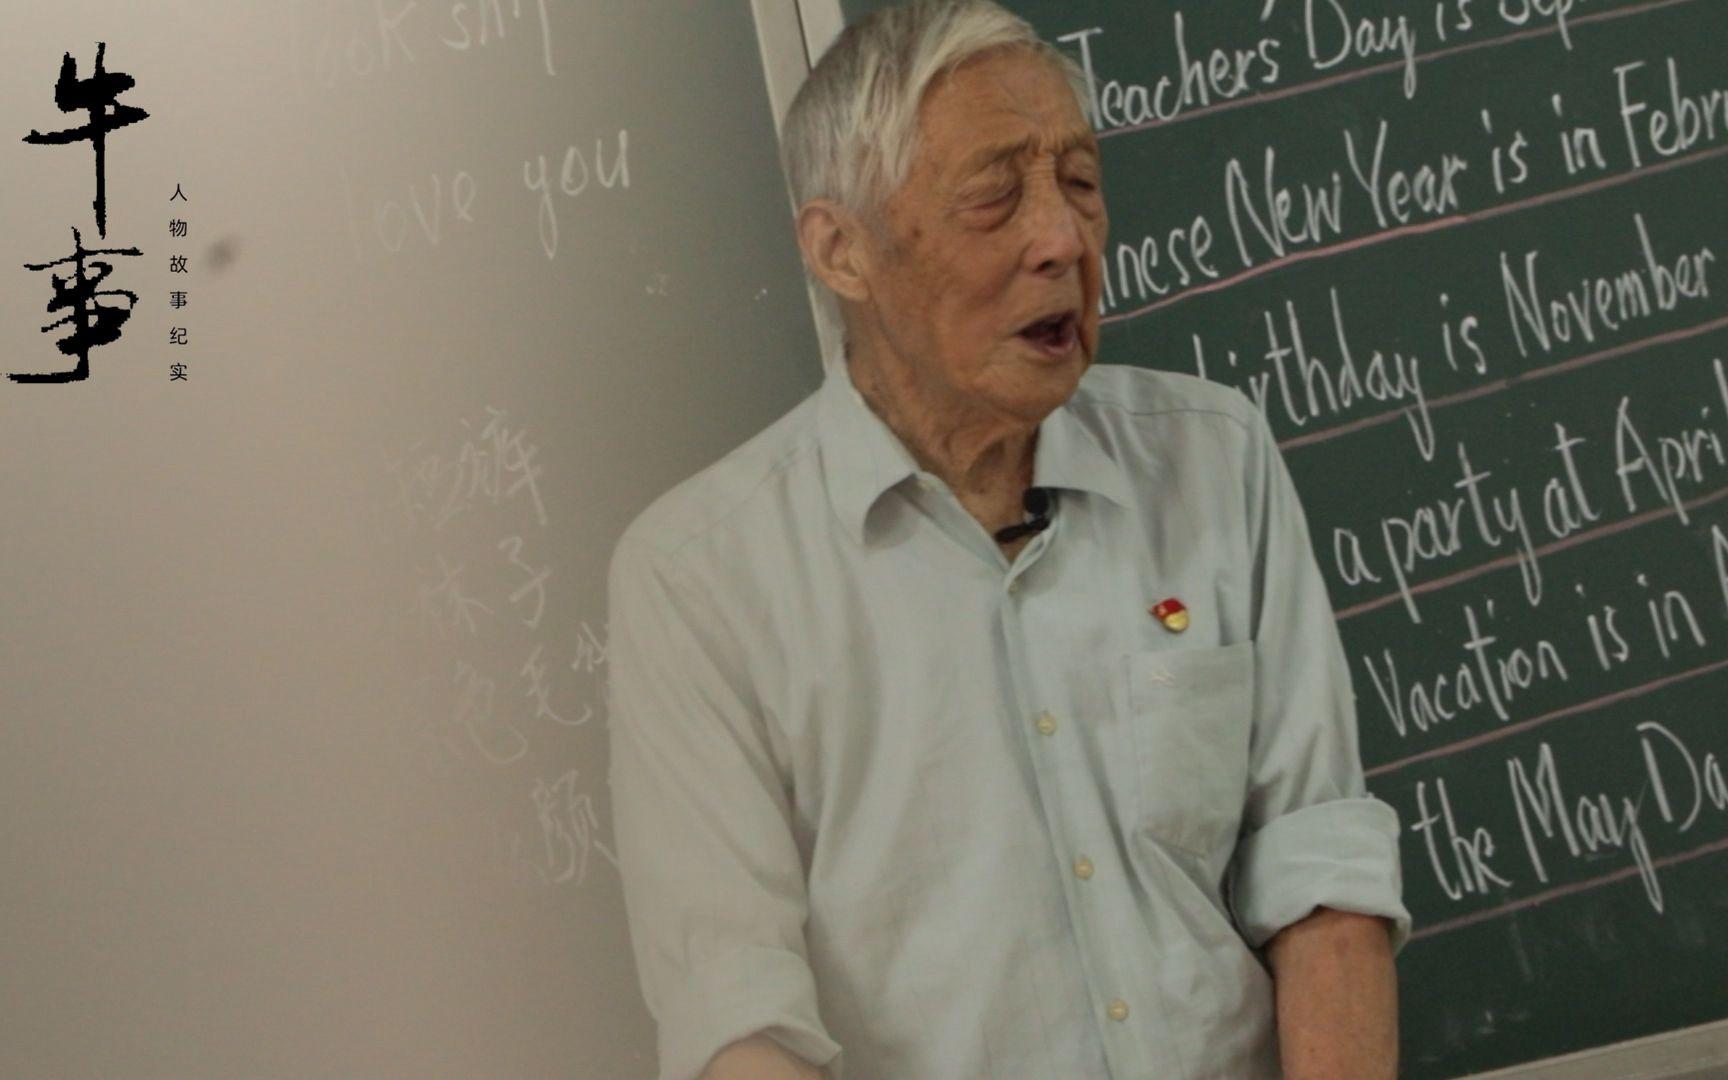 这辈子少挣100万!93岁爷爷自掏腰包开学校:所有学生不收钱